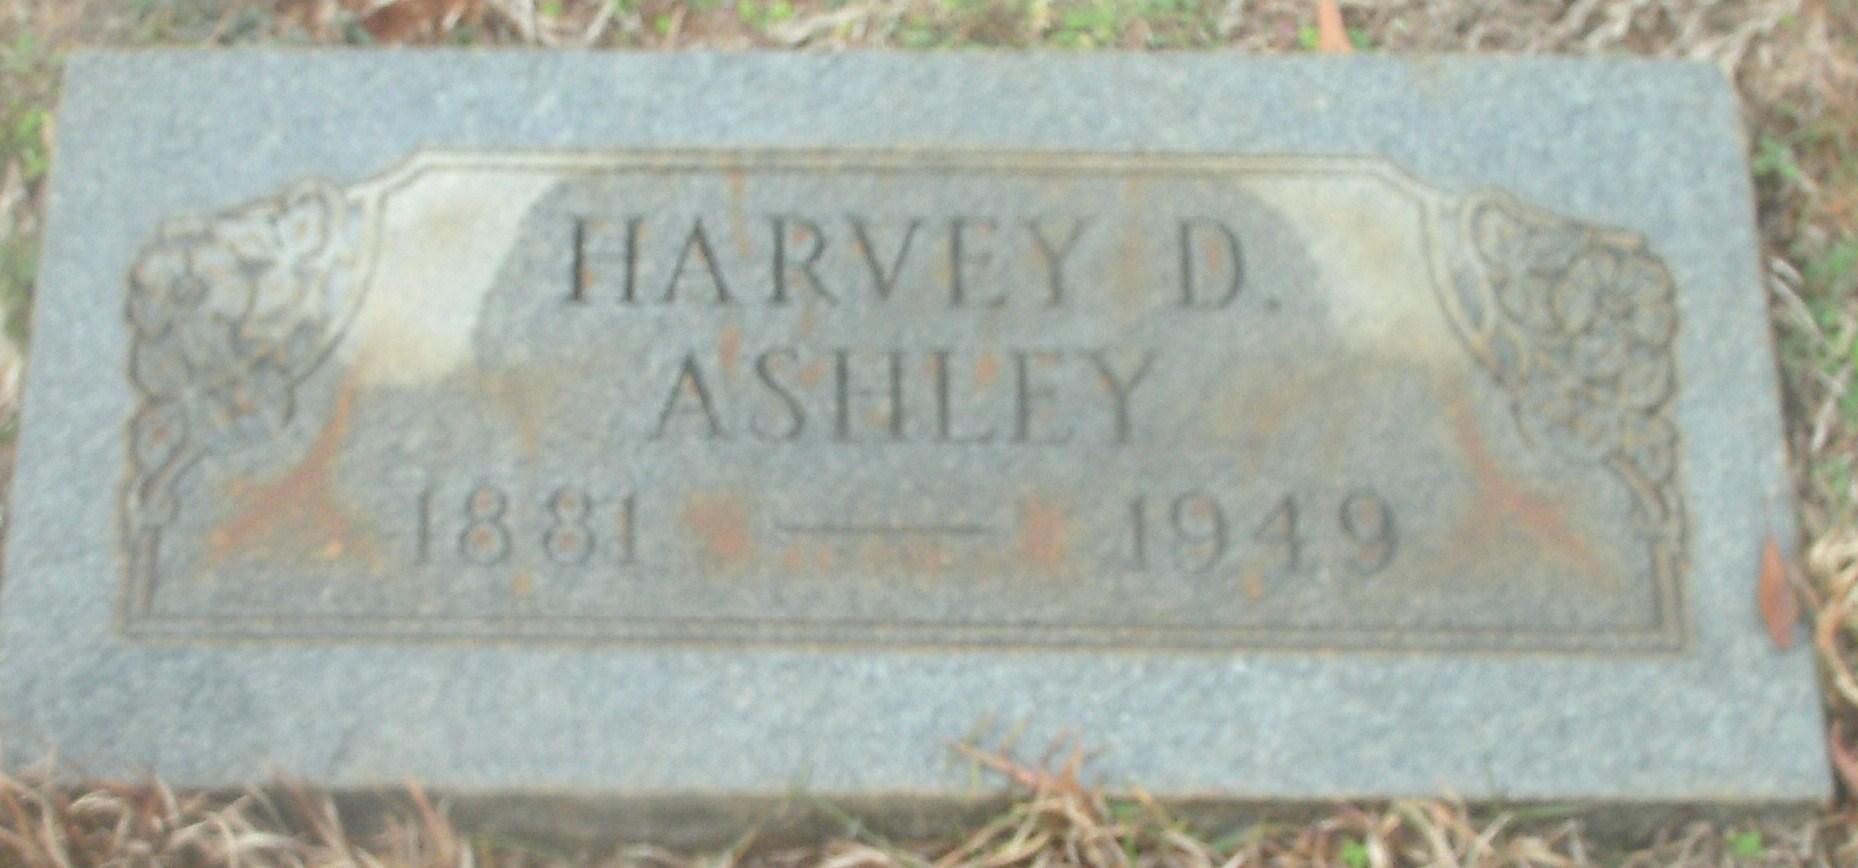 Harvey D. Ashley